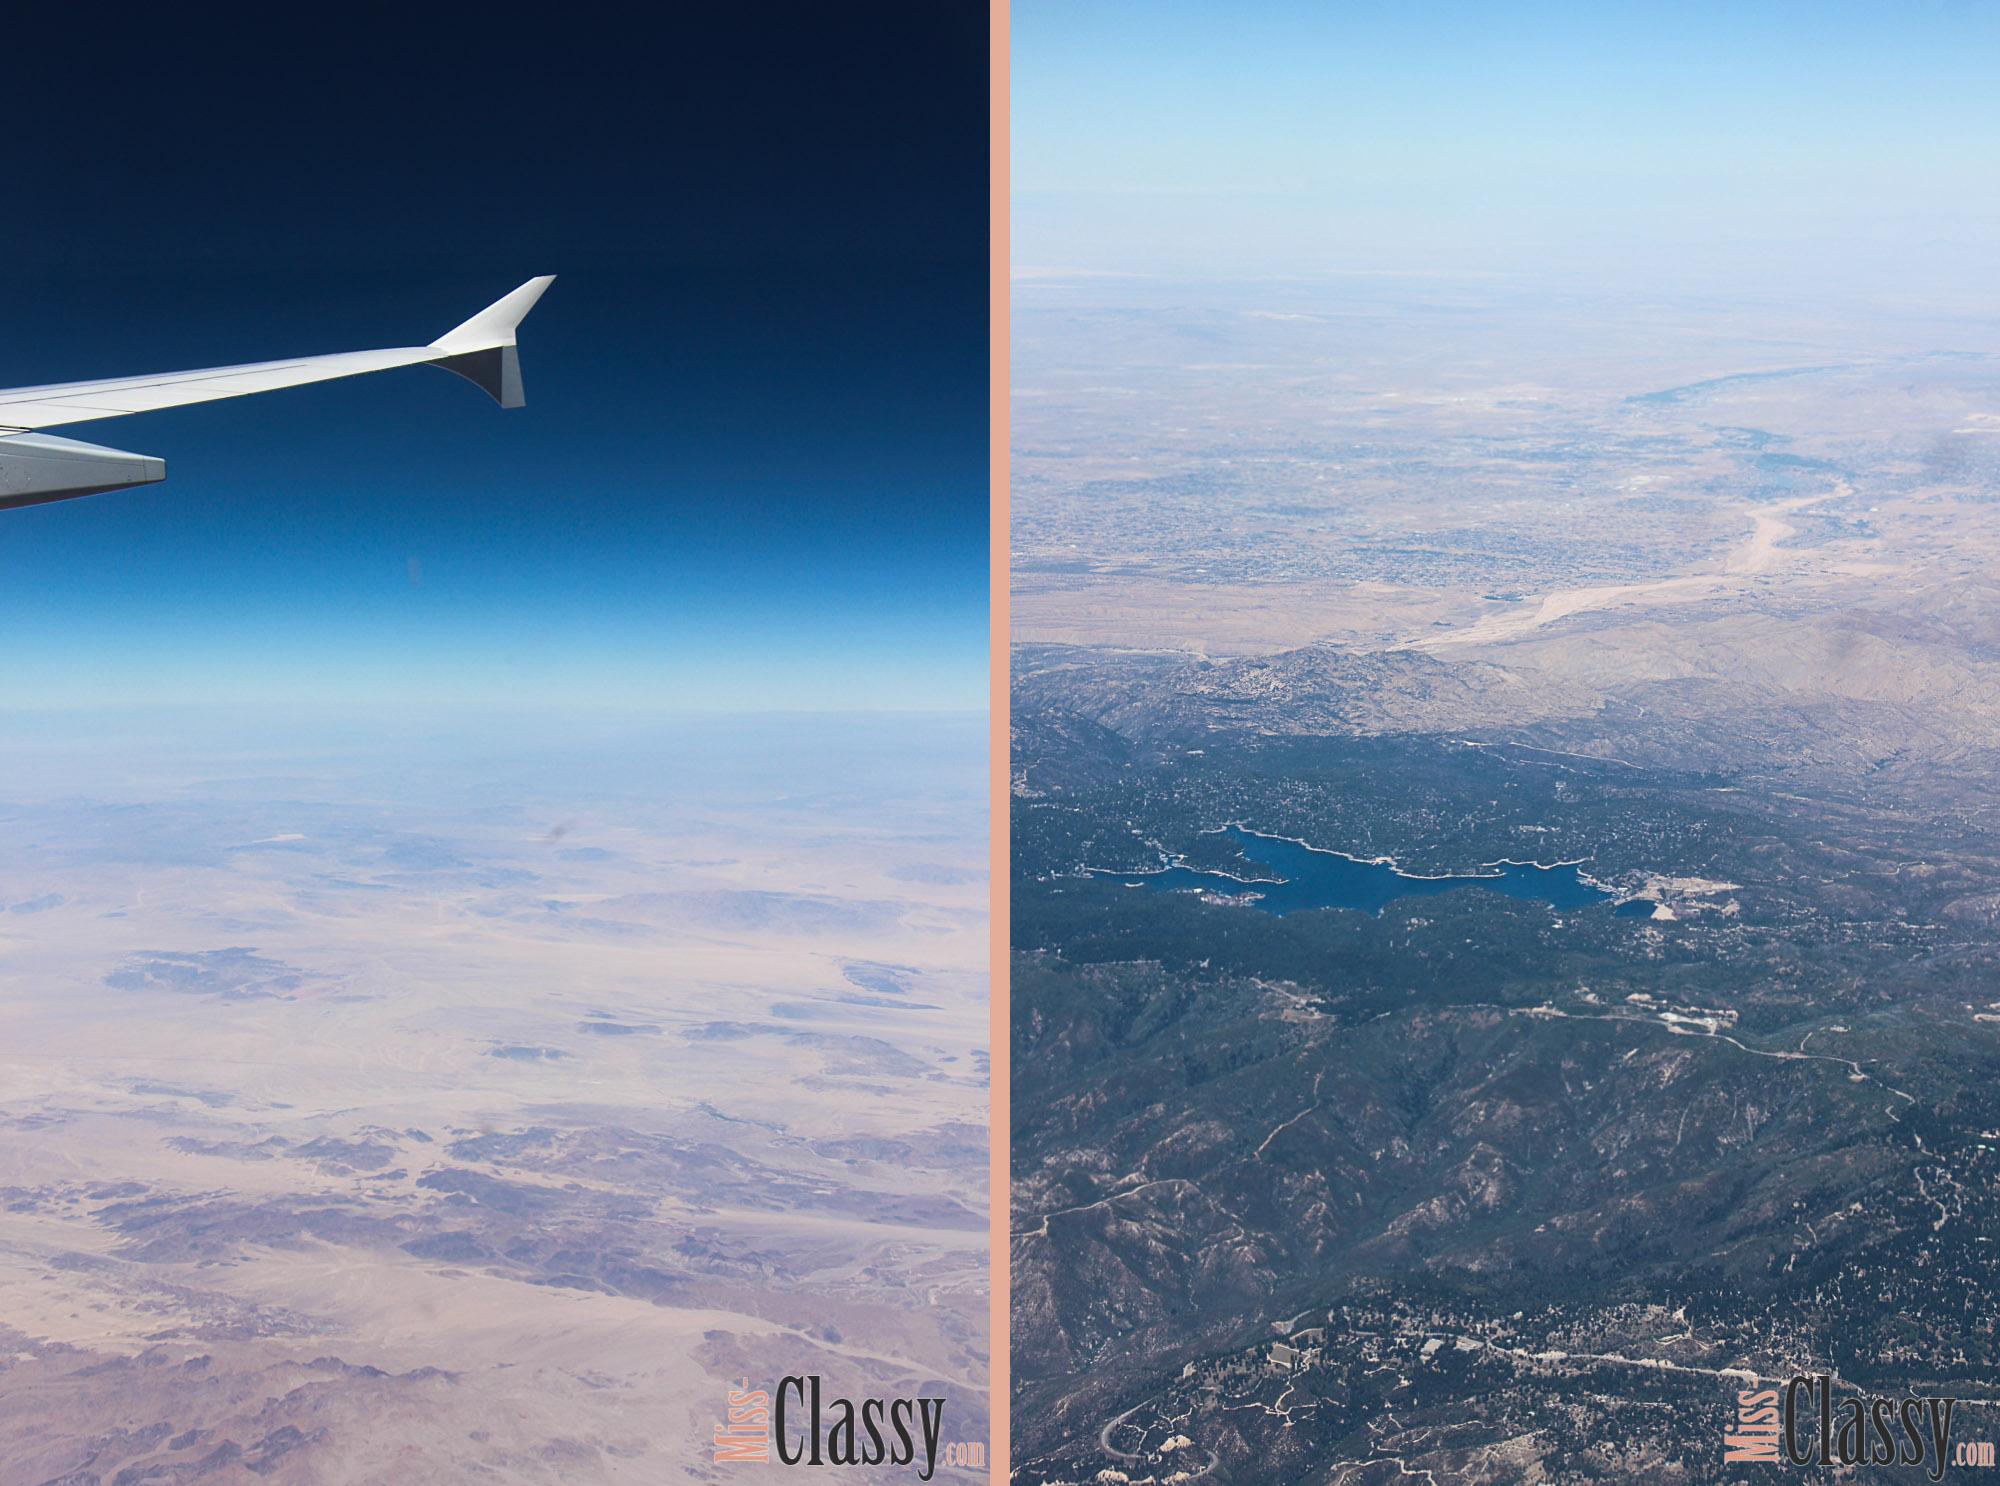 TRAVEL Los Angeles - Das Abenteuer beginnt, Miss Classy, miss-classy.com, Lifestyleblog, Lifestyleblogger, Lifestyleblog Graz, Travelblog, Travelblogger, Graz, Steiermark, Österreich, classy, beclassy, Reise, Travel, Wanderlust, Wayfarer, Roadtrip, USA, United States of America, Amerika, Los Angeles, Anreise, Lufthansa, A380